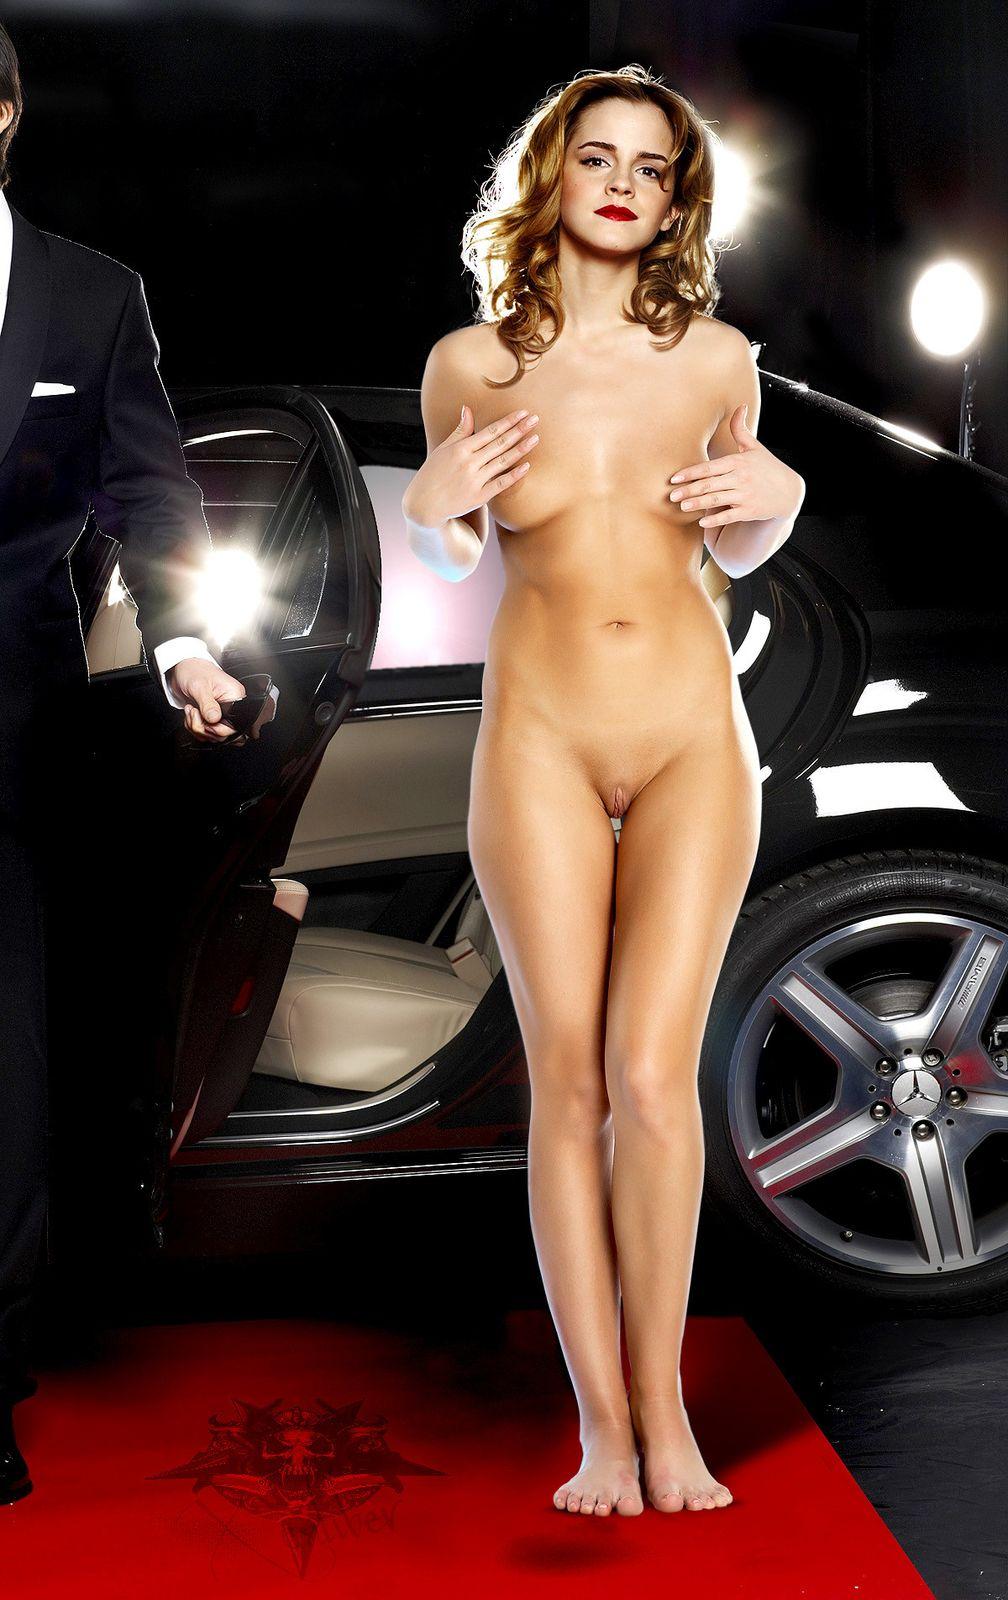 Emma watson nude vagina car